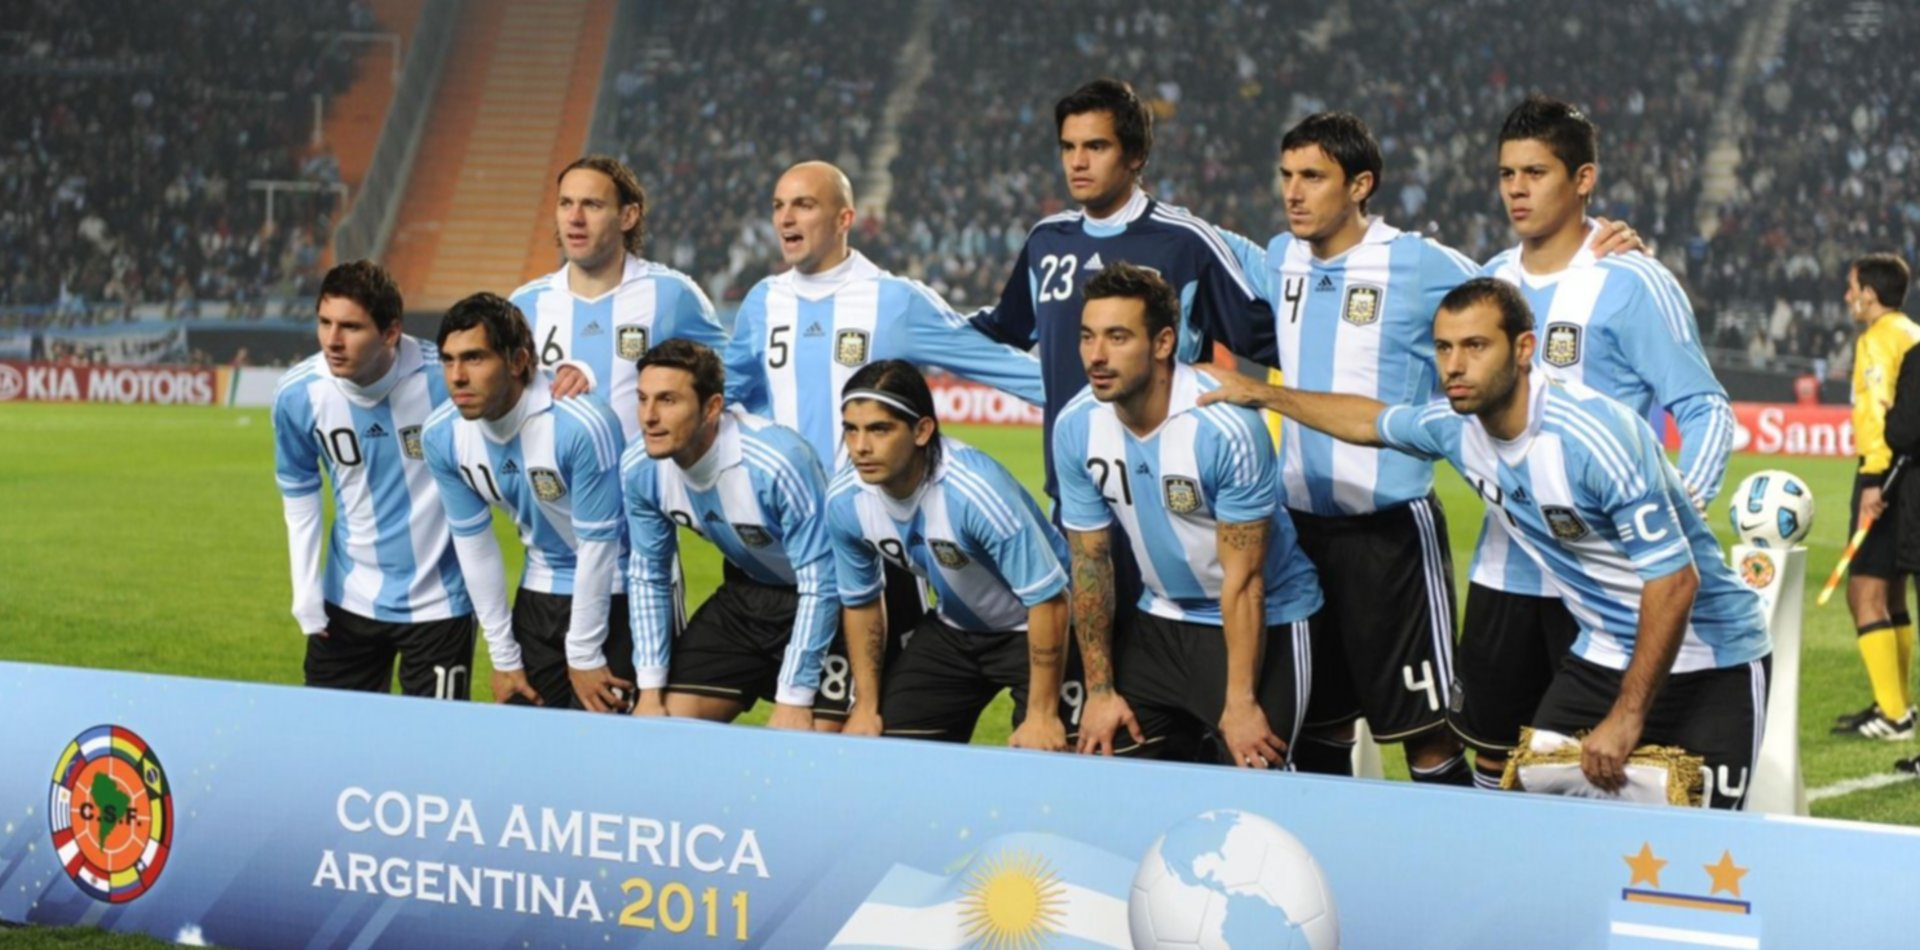 La Copa América vuelve a La Plata: el recuerdo de la Selección argentina de Messi, Mascherano y Tévez